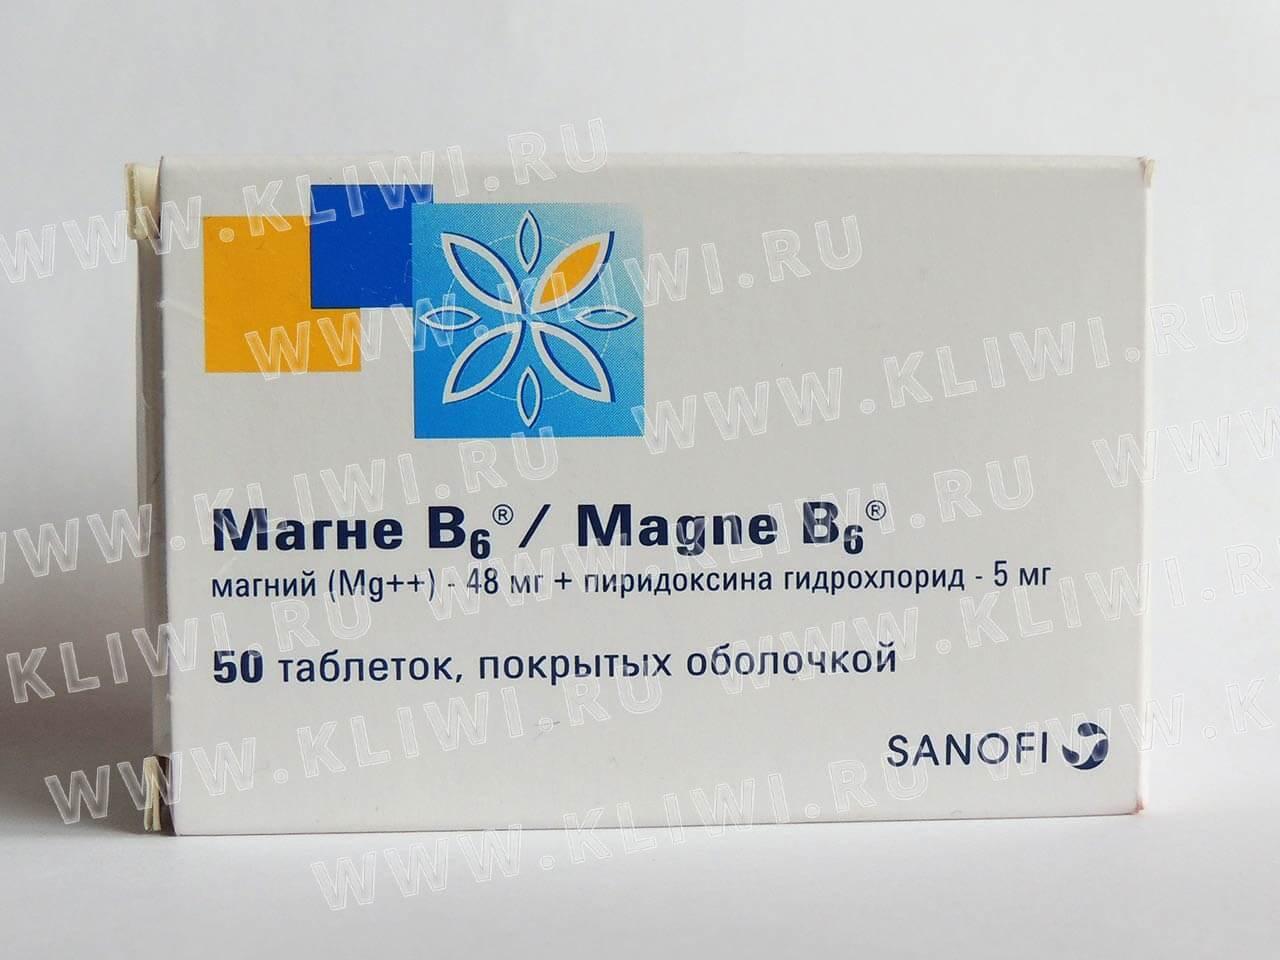 kaip hipertenziją gydyti magniu b6)